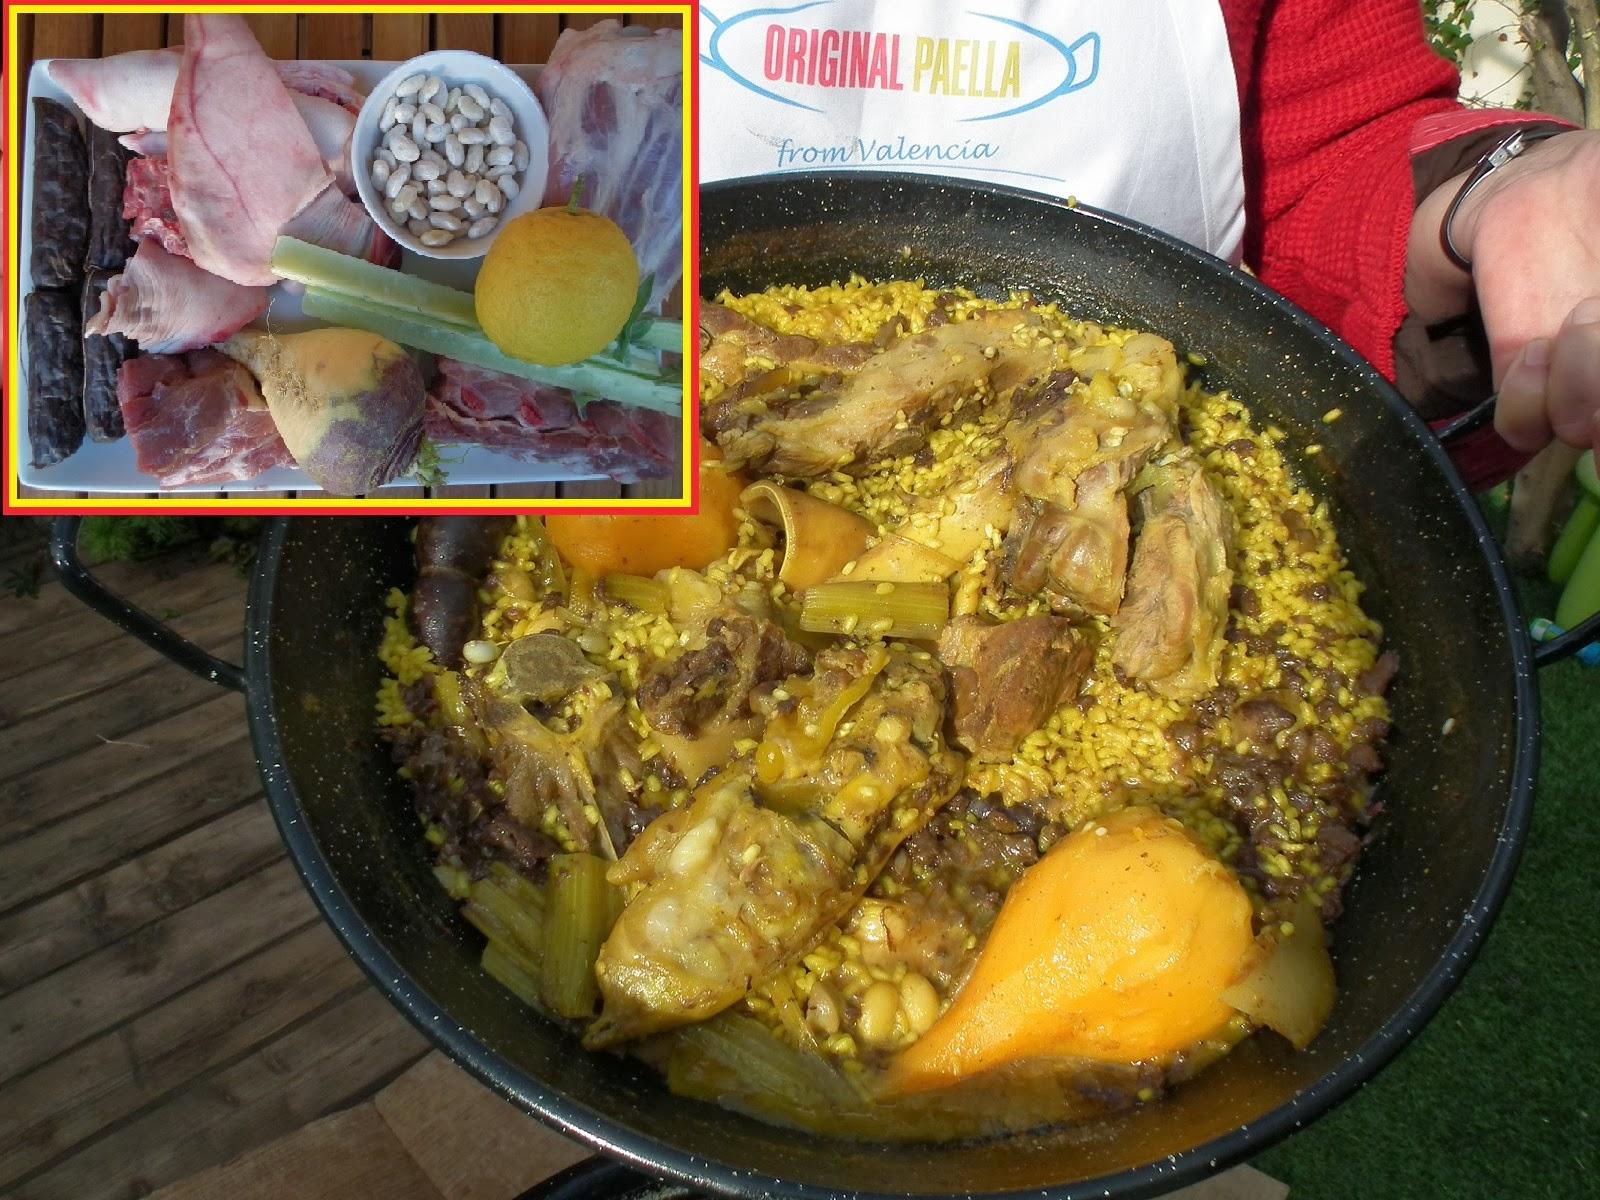 arros amb fesols i naps www.originalpaella.com